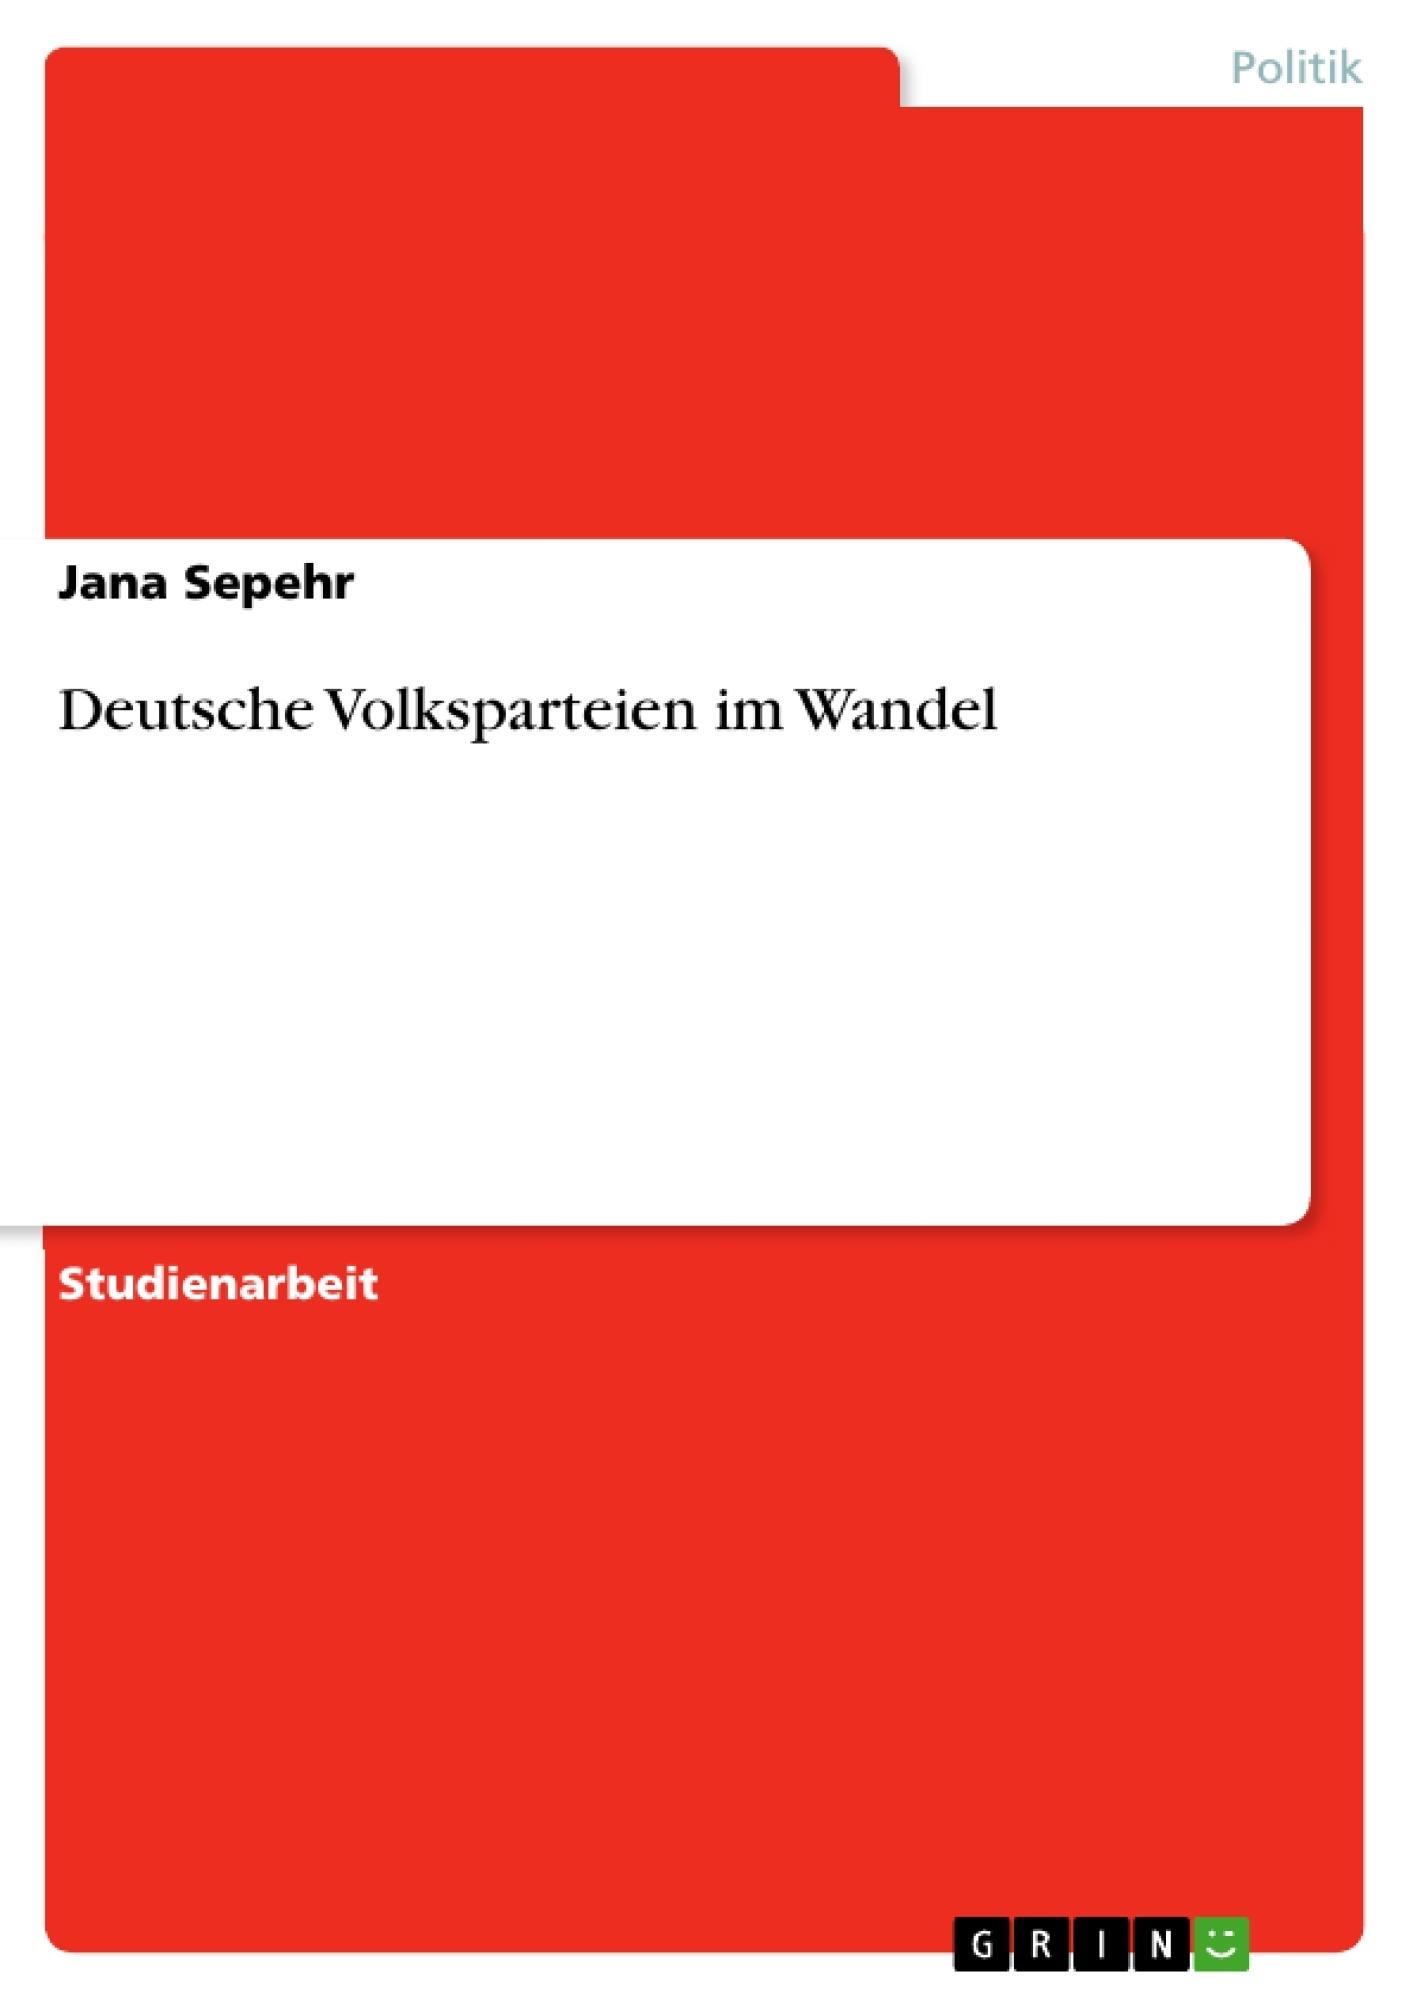 Titel: Deutsche Volksparteien im Wandel